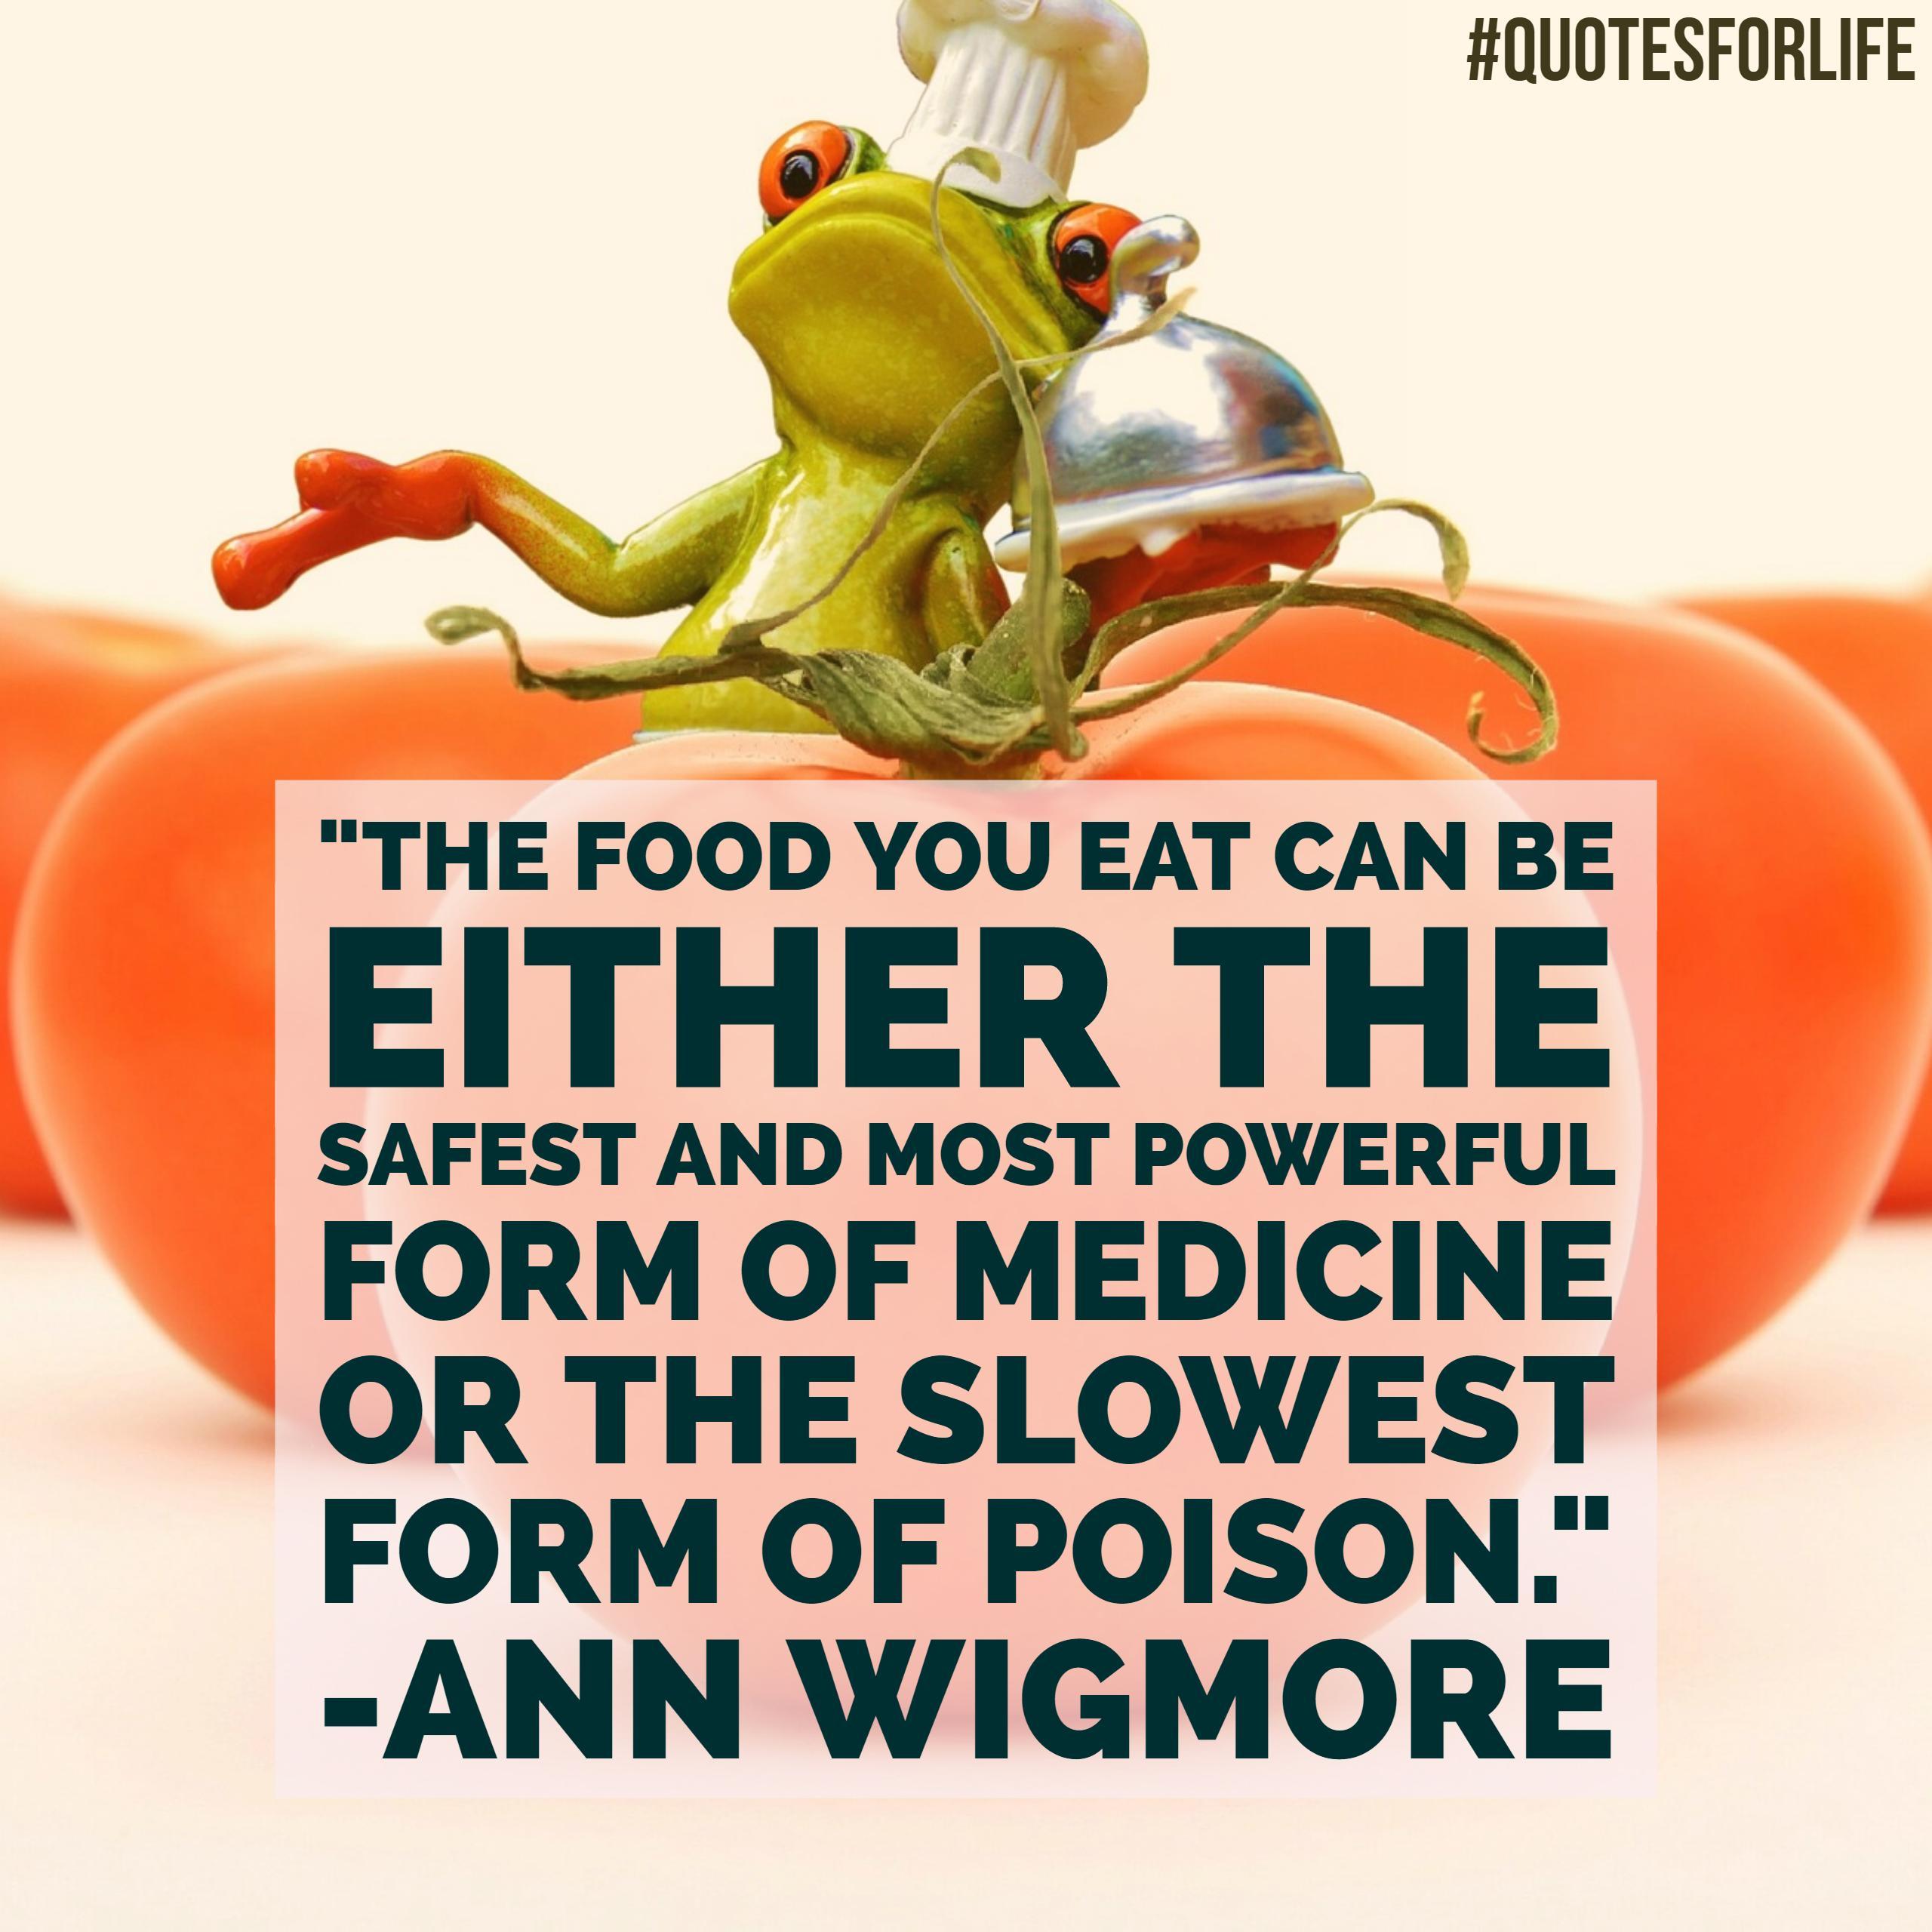 Ann Wigmore